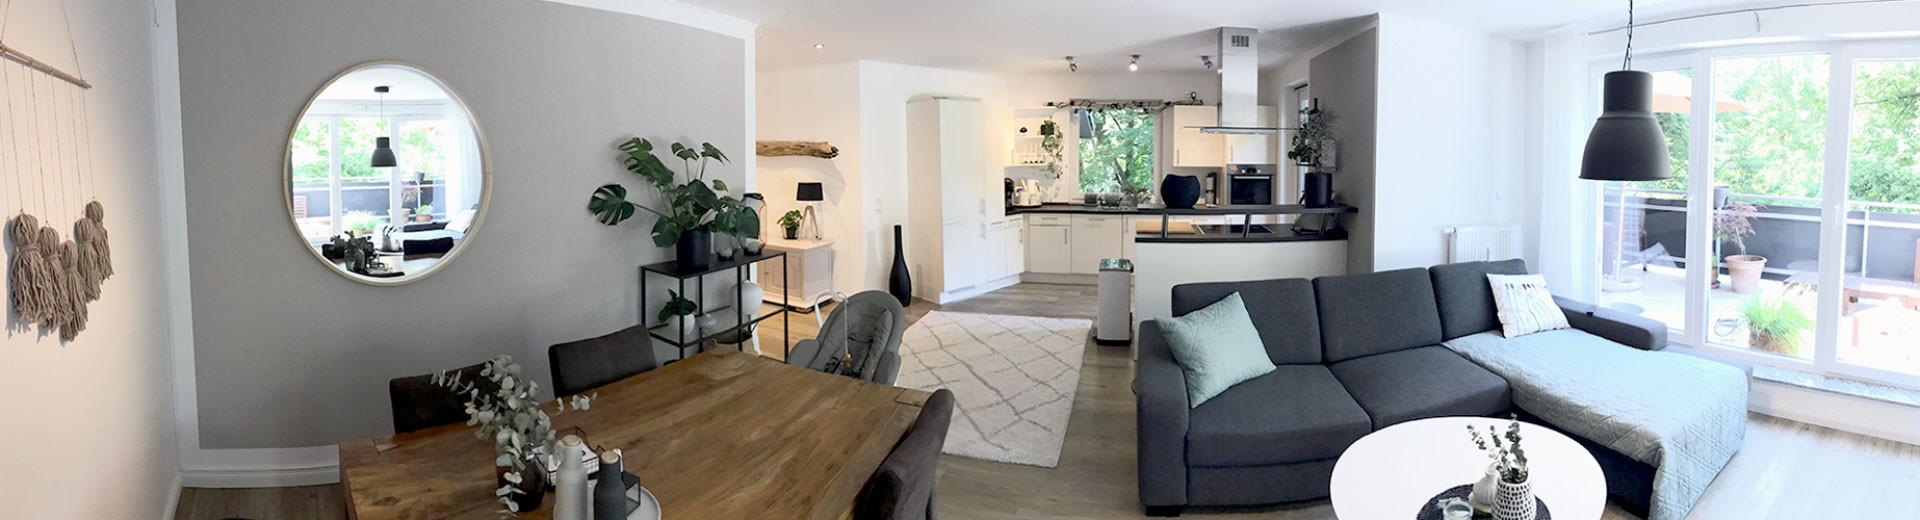 Modernes offenes Wohnzimmer